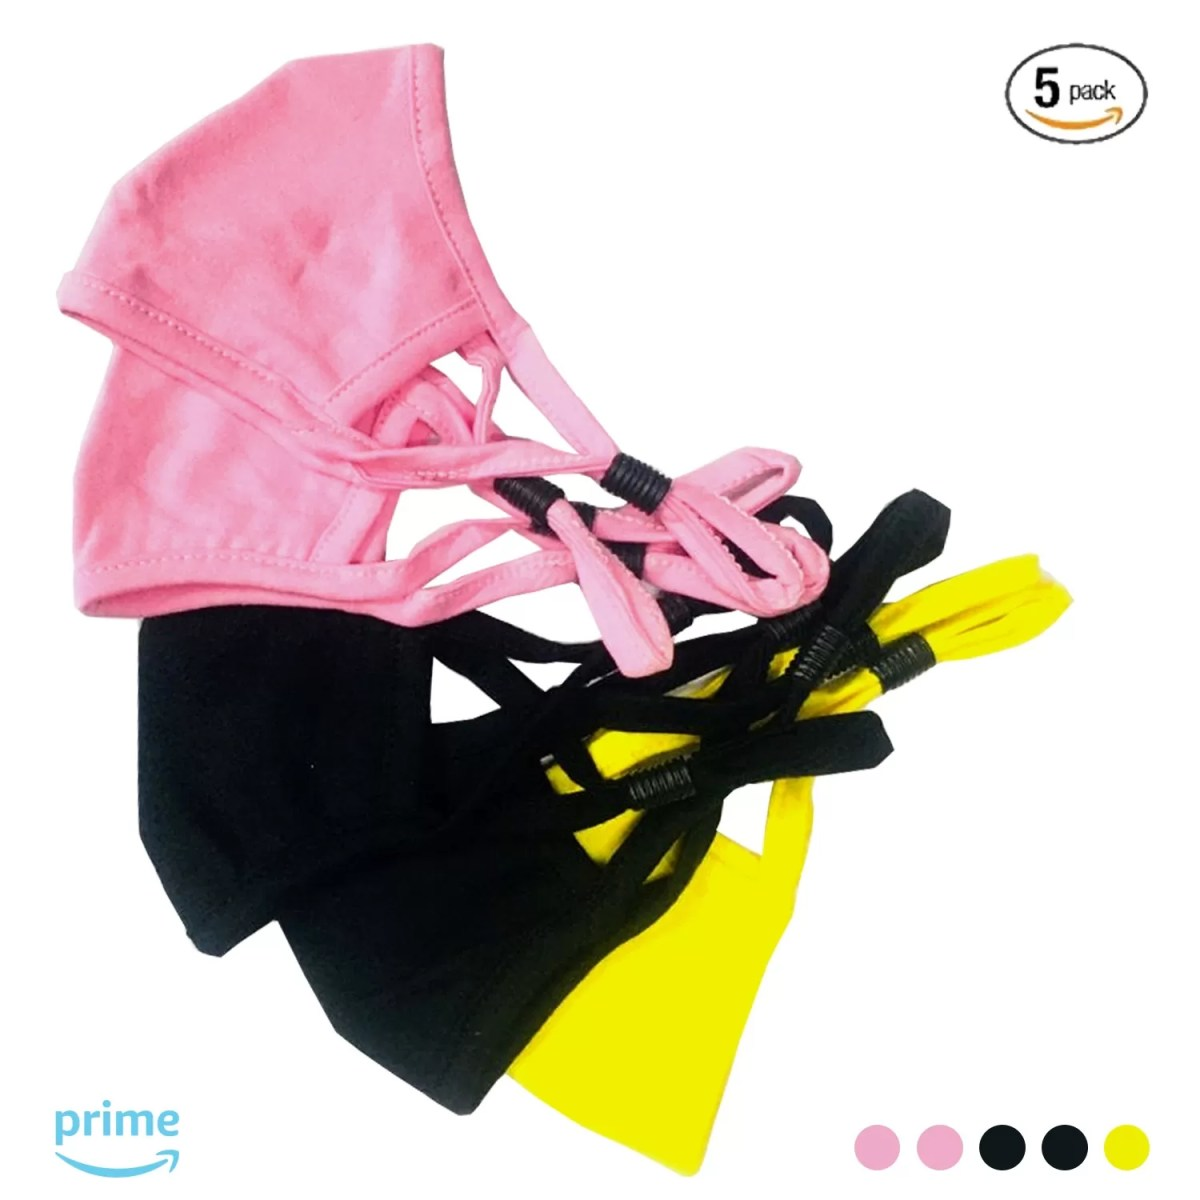 KIDS Cloth Adjustable Face Mask   Adjustable Stopper   Multi Coloured Pack of 6